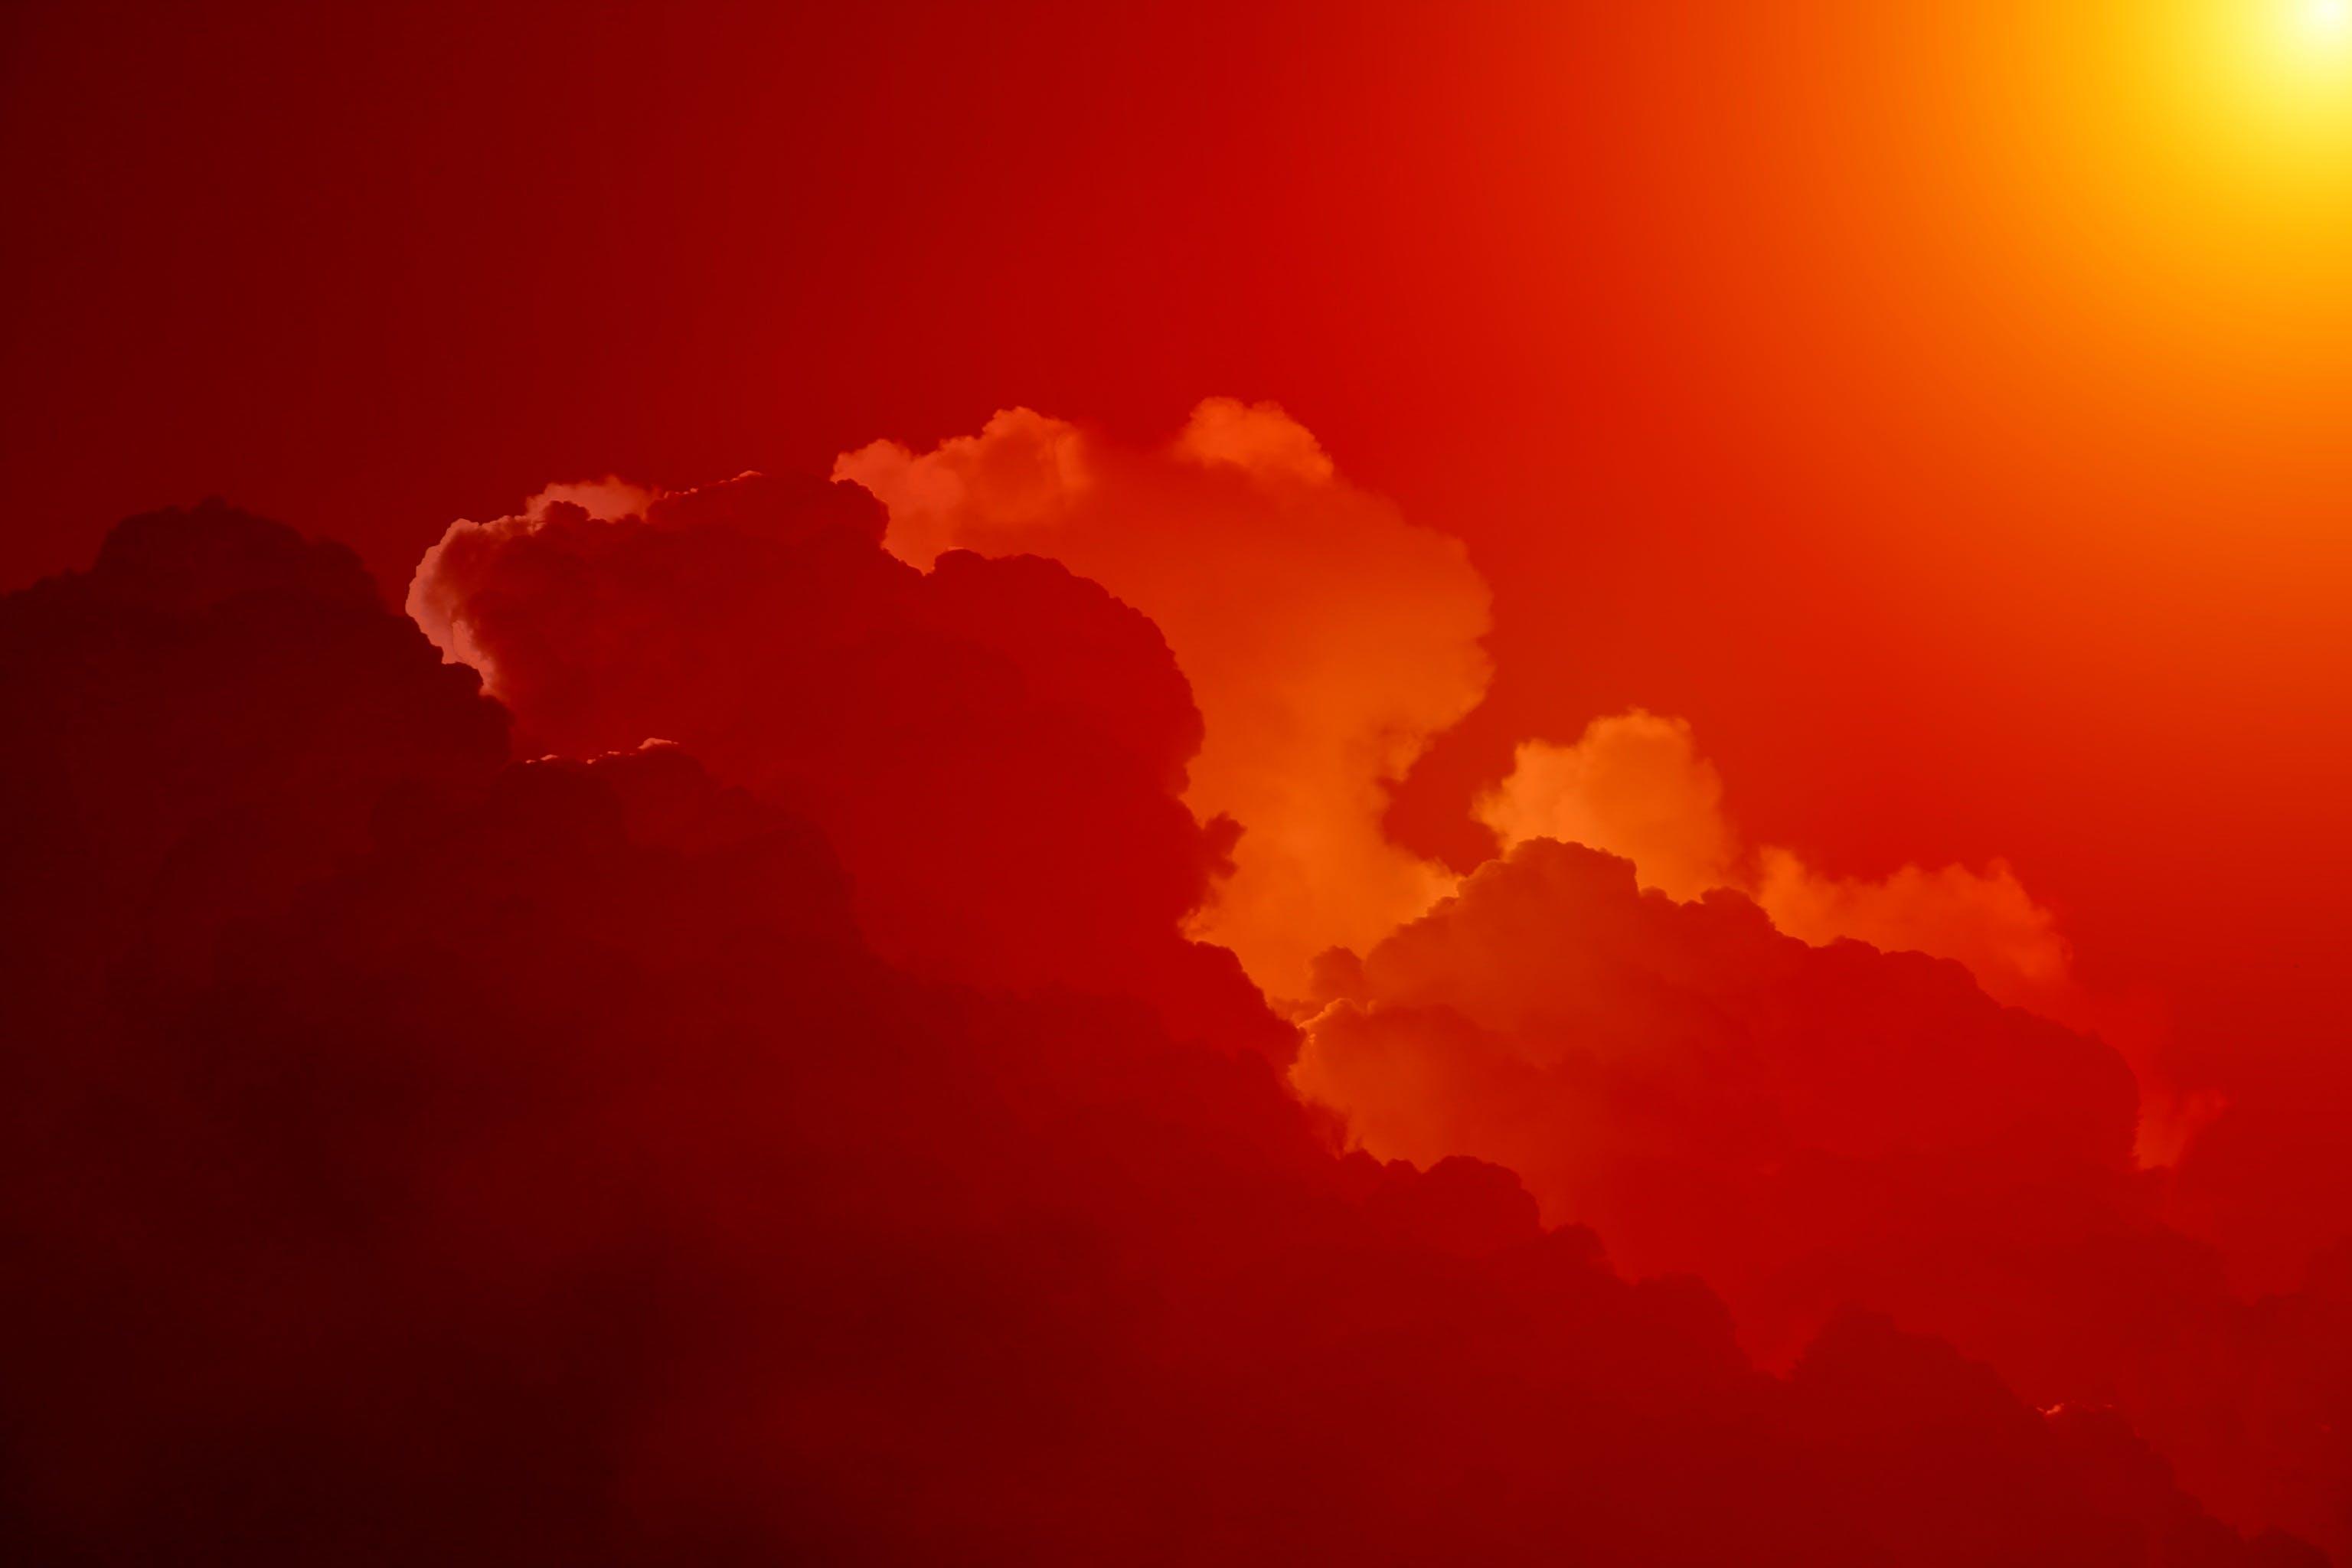 White Clouds Under Orange Sky during Daytime